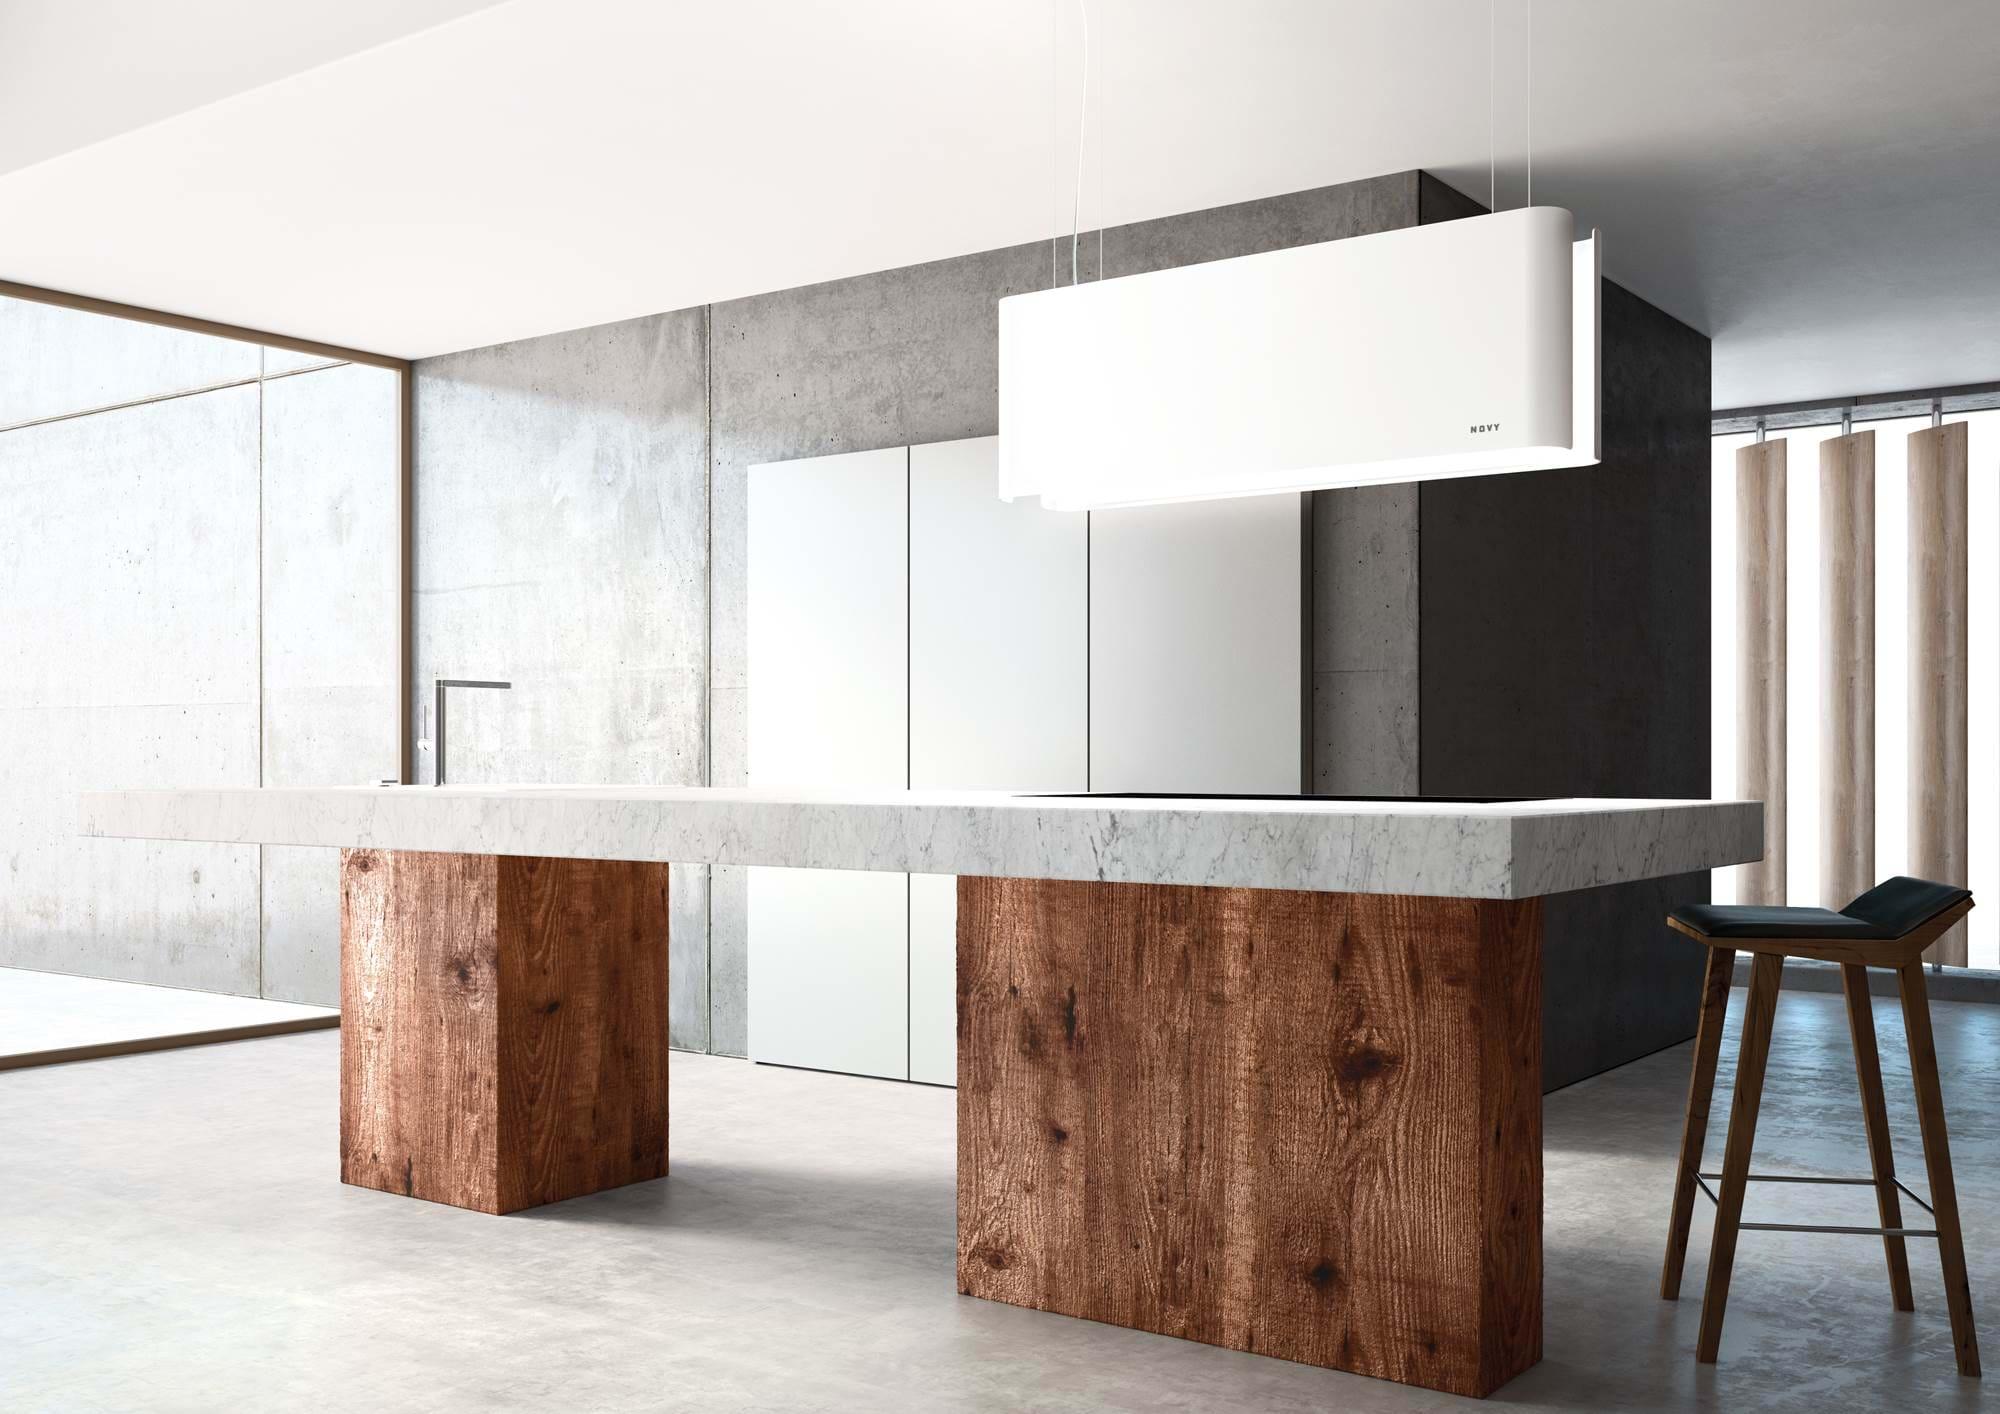 hotte novy pianos-et-fourneaux.com hotte centrale blanche decorative